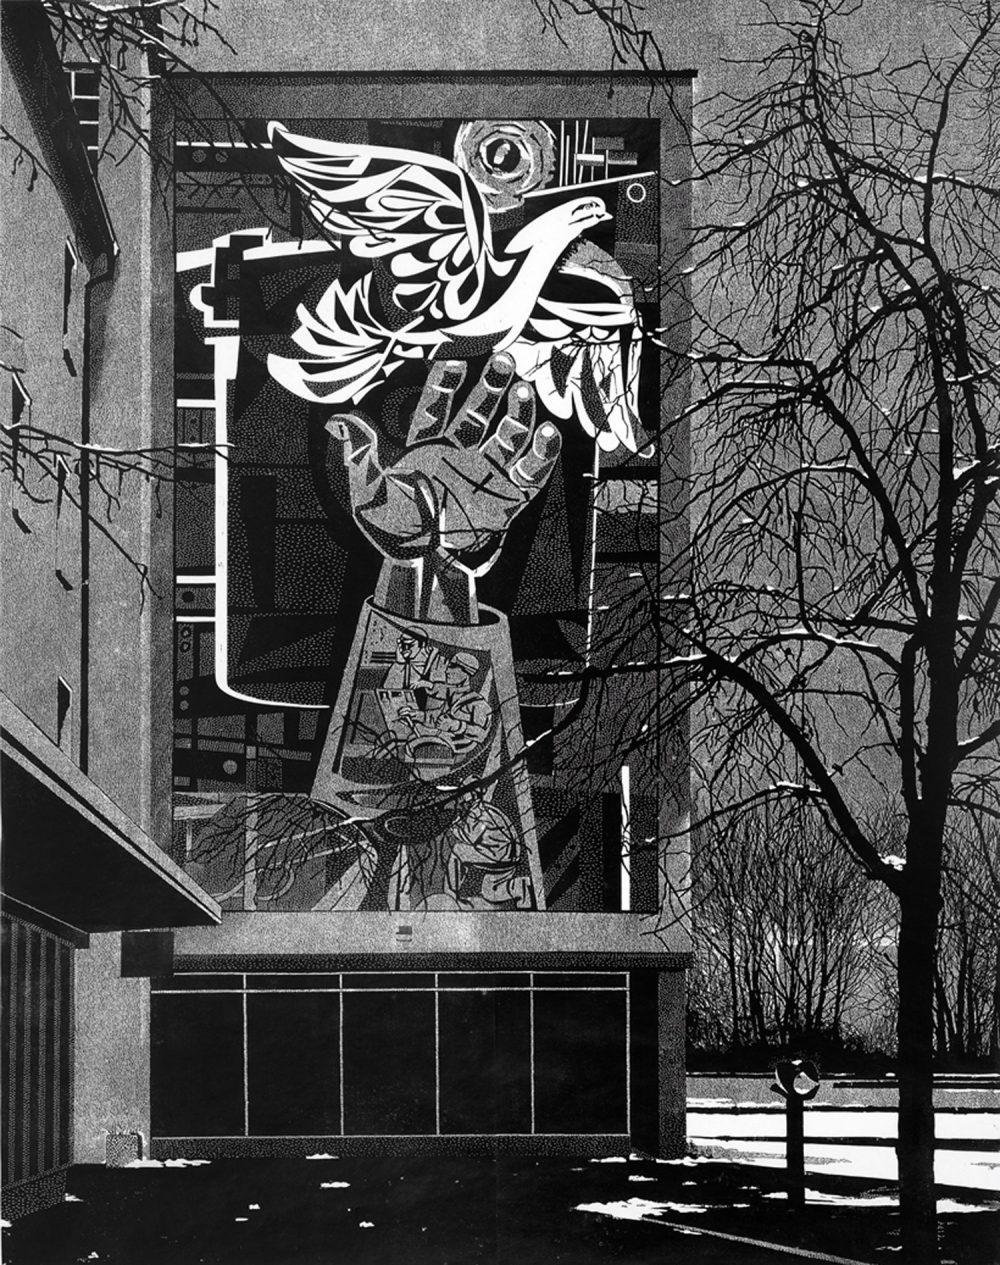 Der neue Mensch (2013), Linolschnitt auf Papier, 218 x 173 cm,  Ed. 5